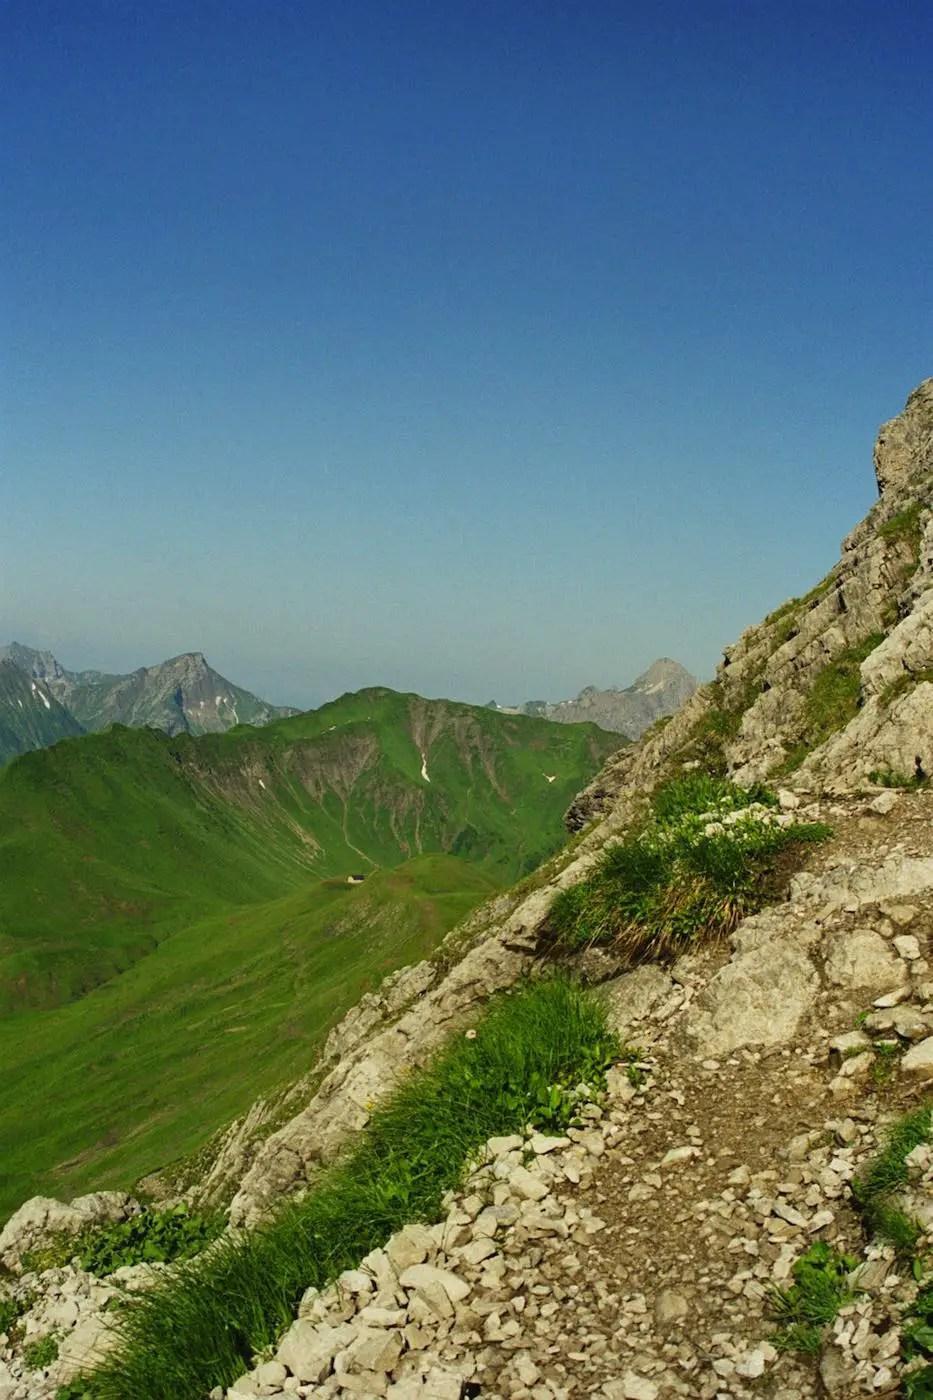 Einstieg zur Gipfelrinne am Widderstein